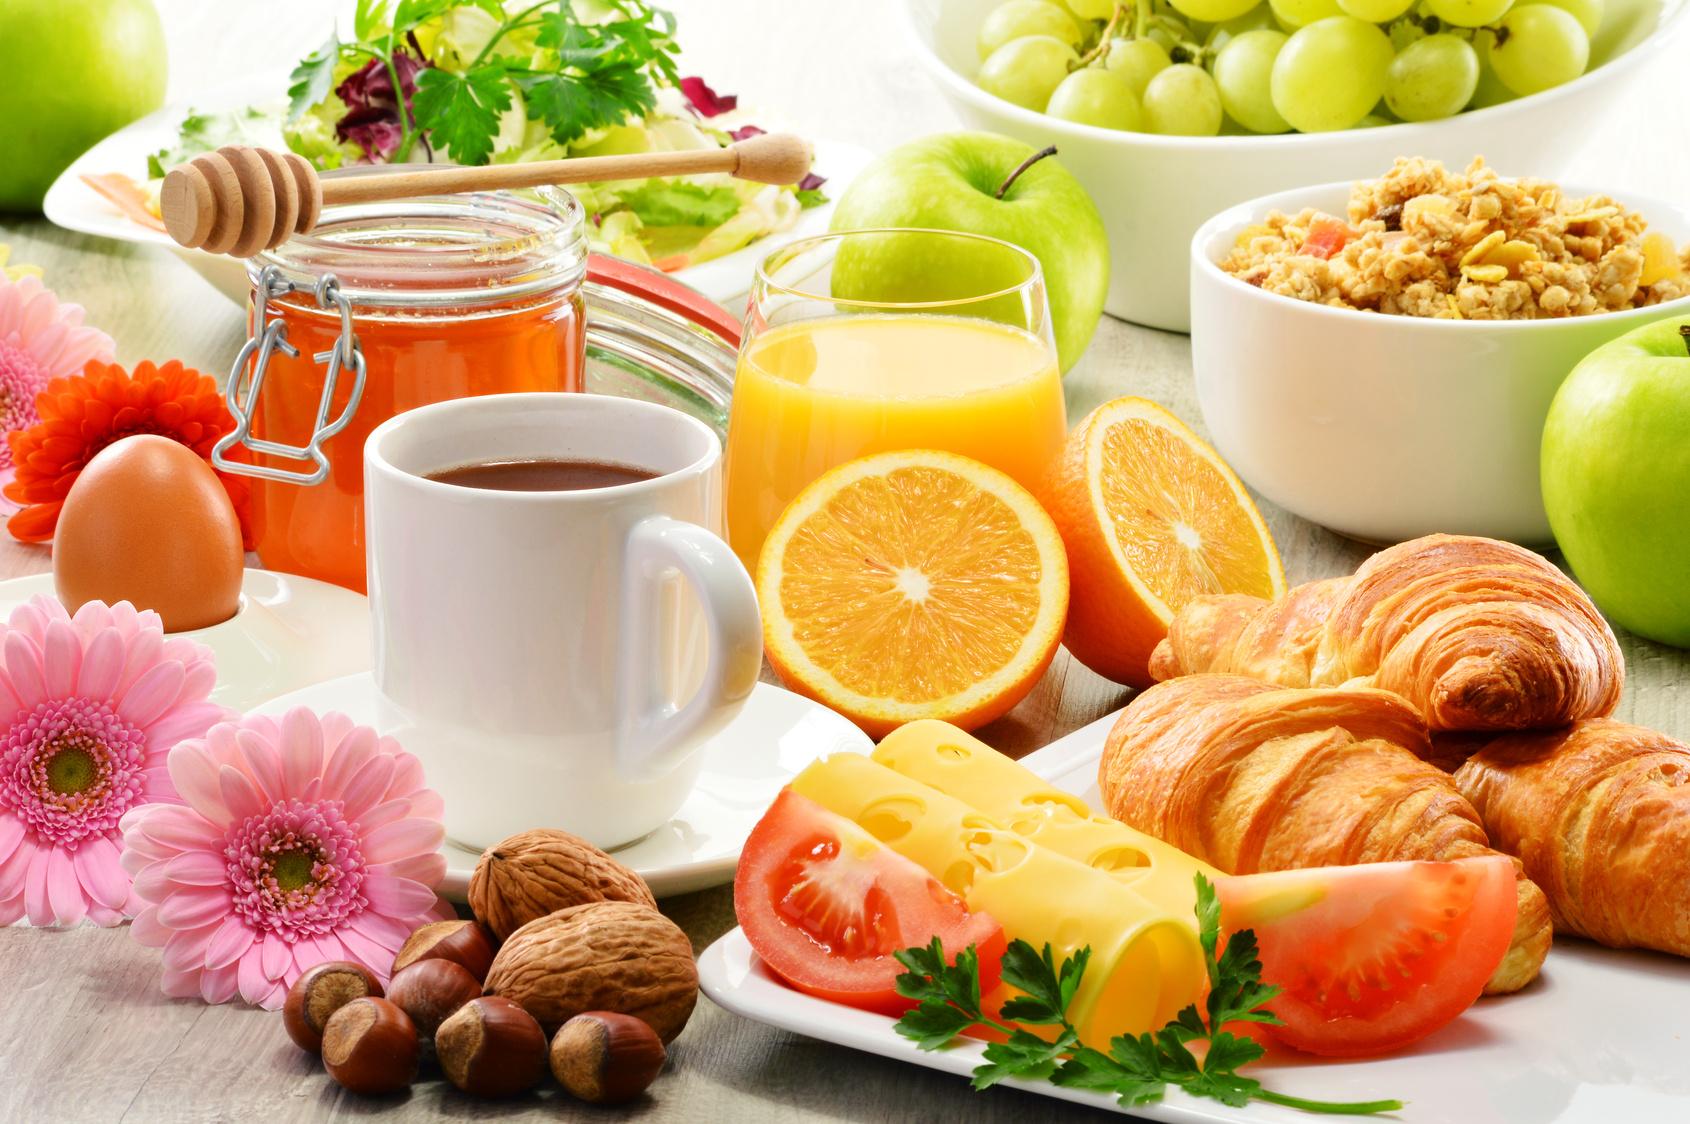 cosa bere al mattino al posto del latte dieta per migliorare metabolismo